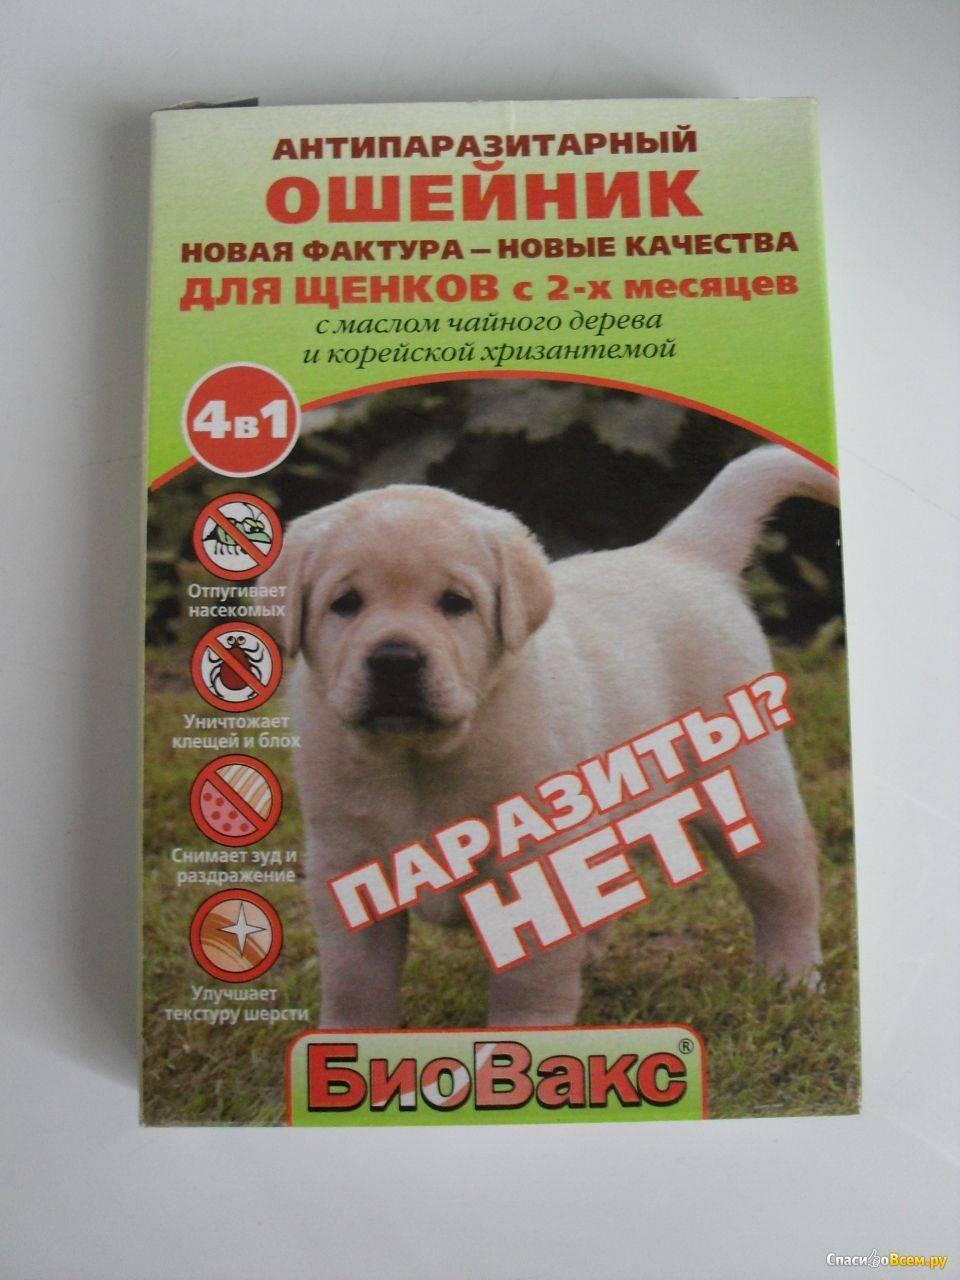 Ошейник от блох и клещей для собак: советы по выбору и применению